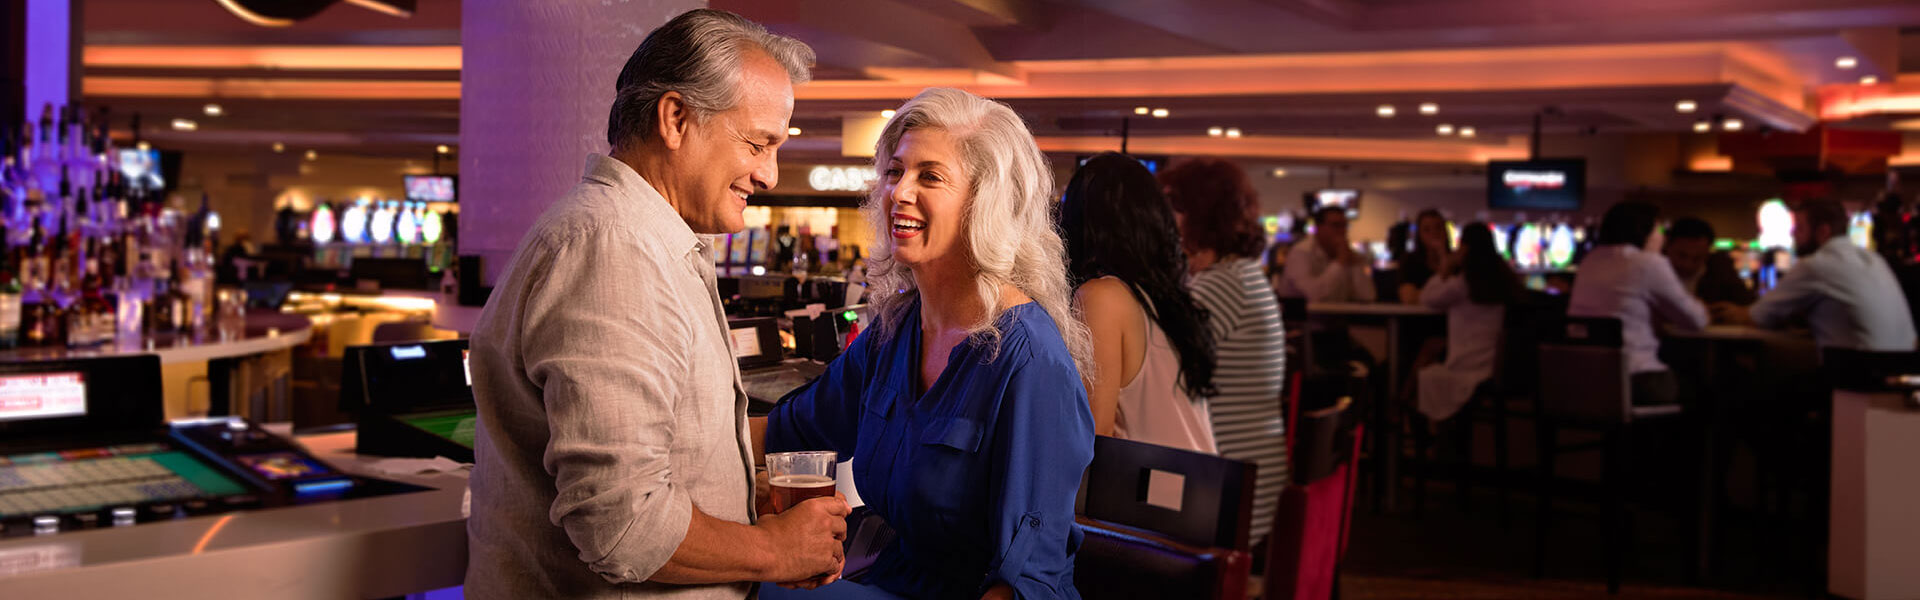 Couple playing at Chumash Center Bar